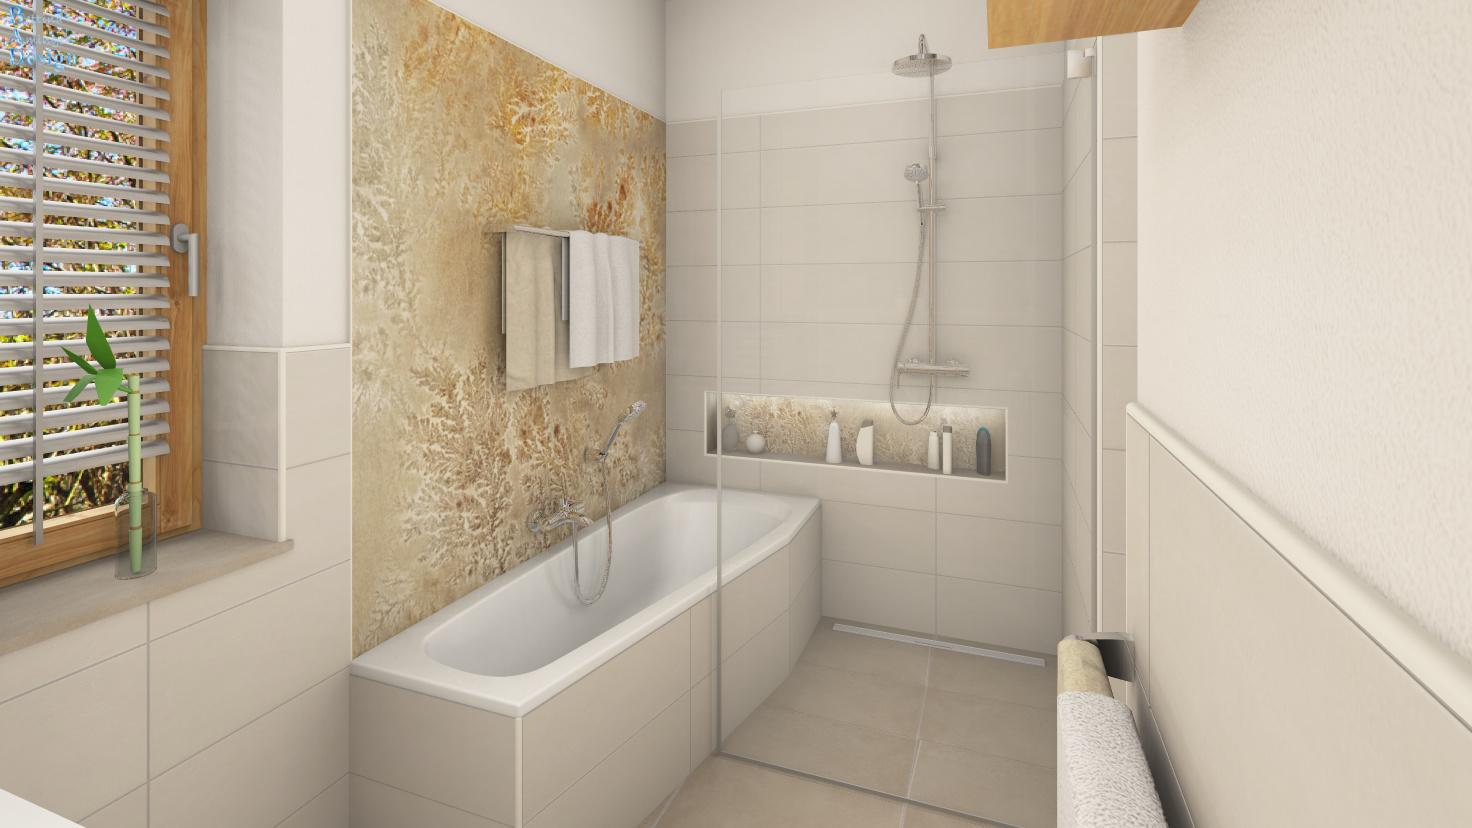 Bad mit Feuchtraumtapete